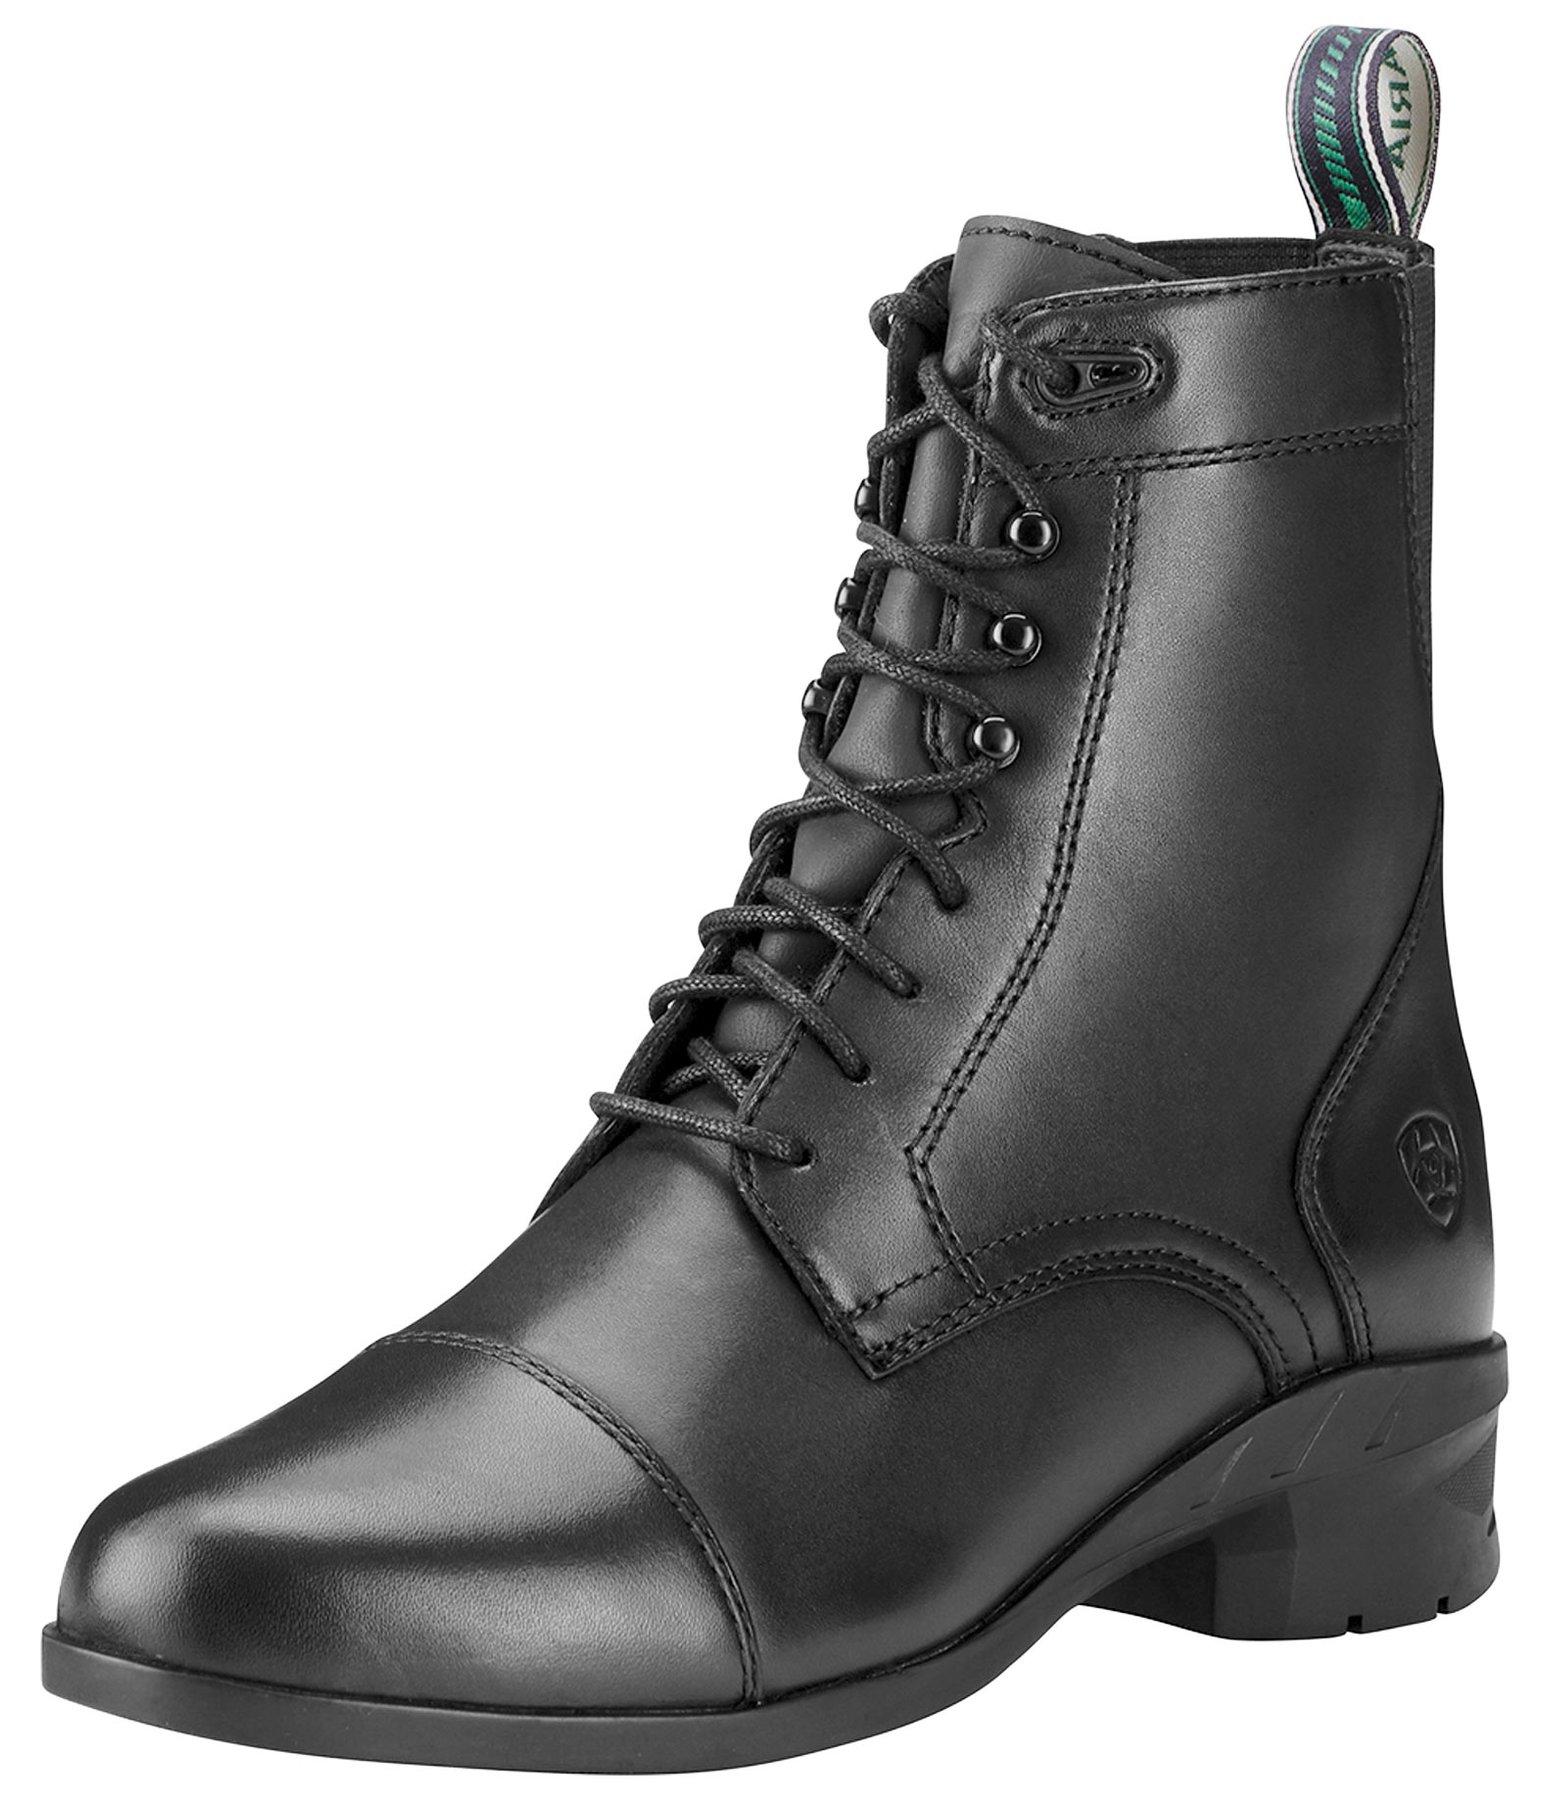 Women's Paddock Boots Heritage IV - Jodhpur Boots - Kramer Equestrian